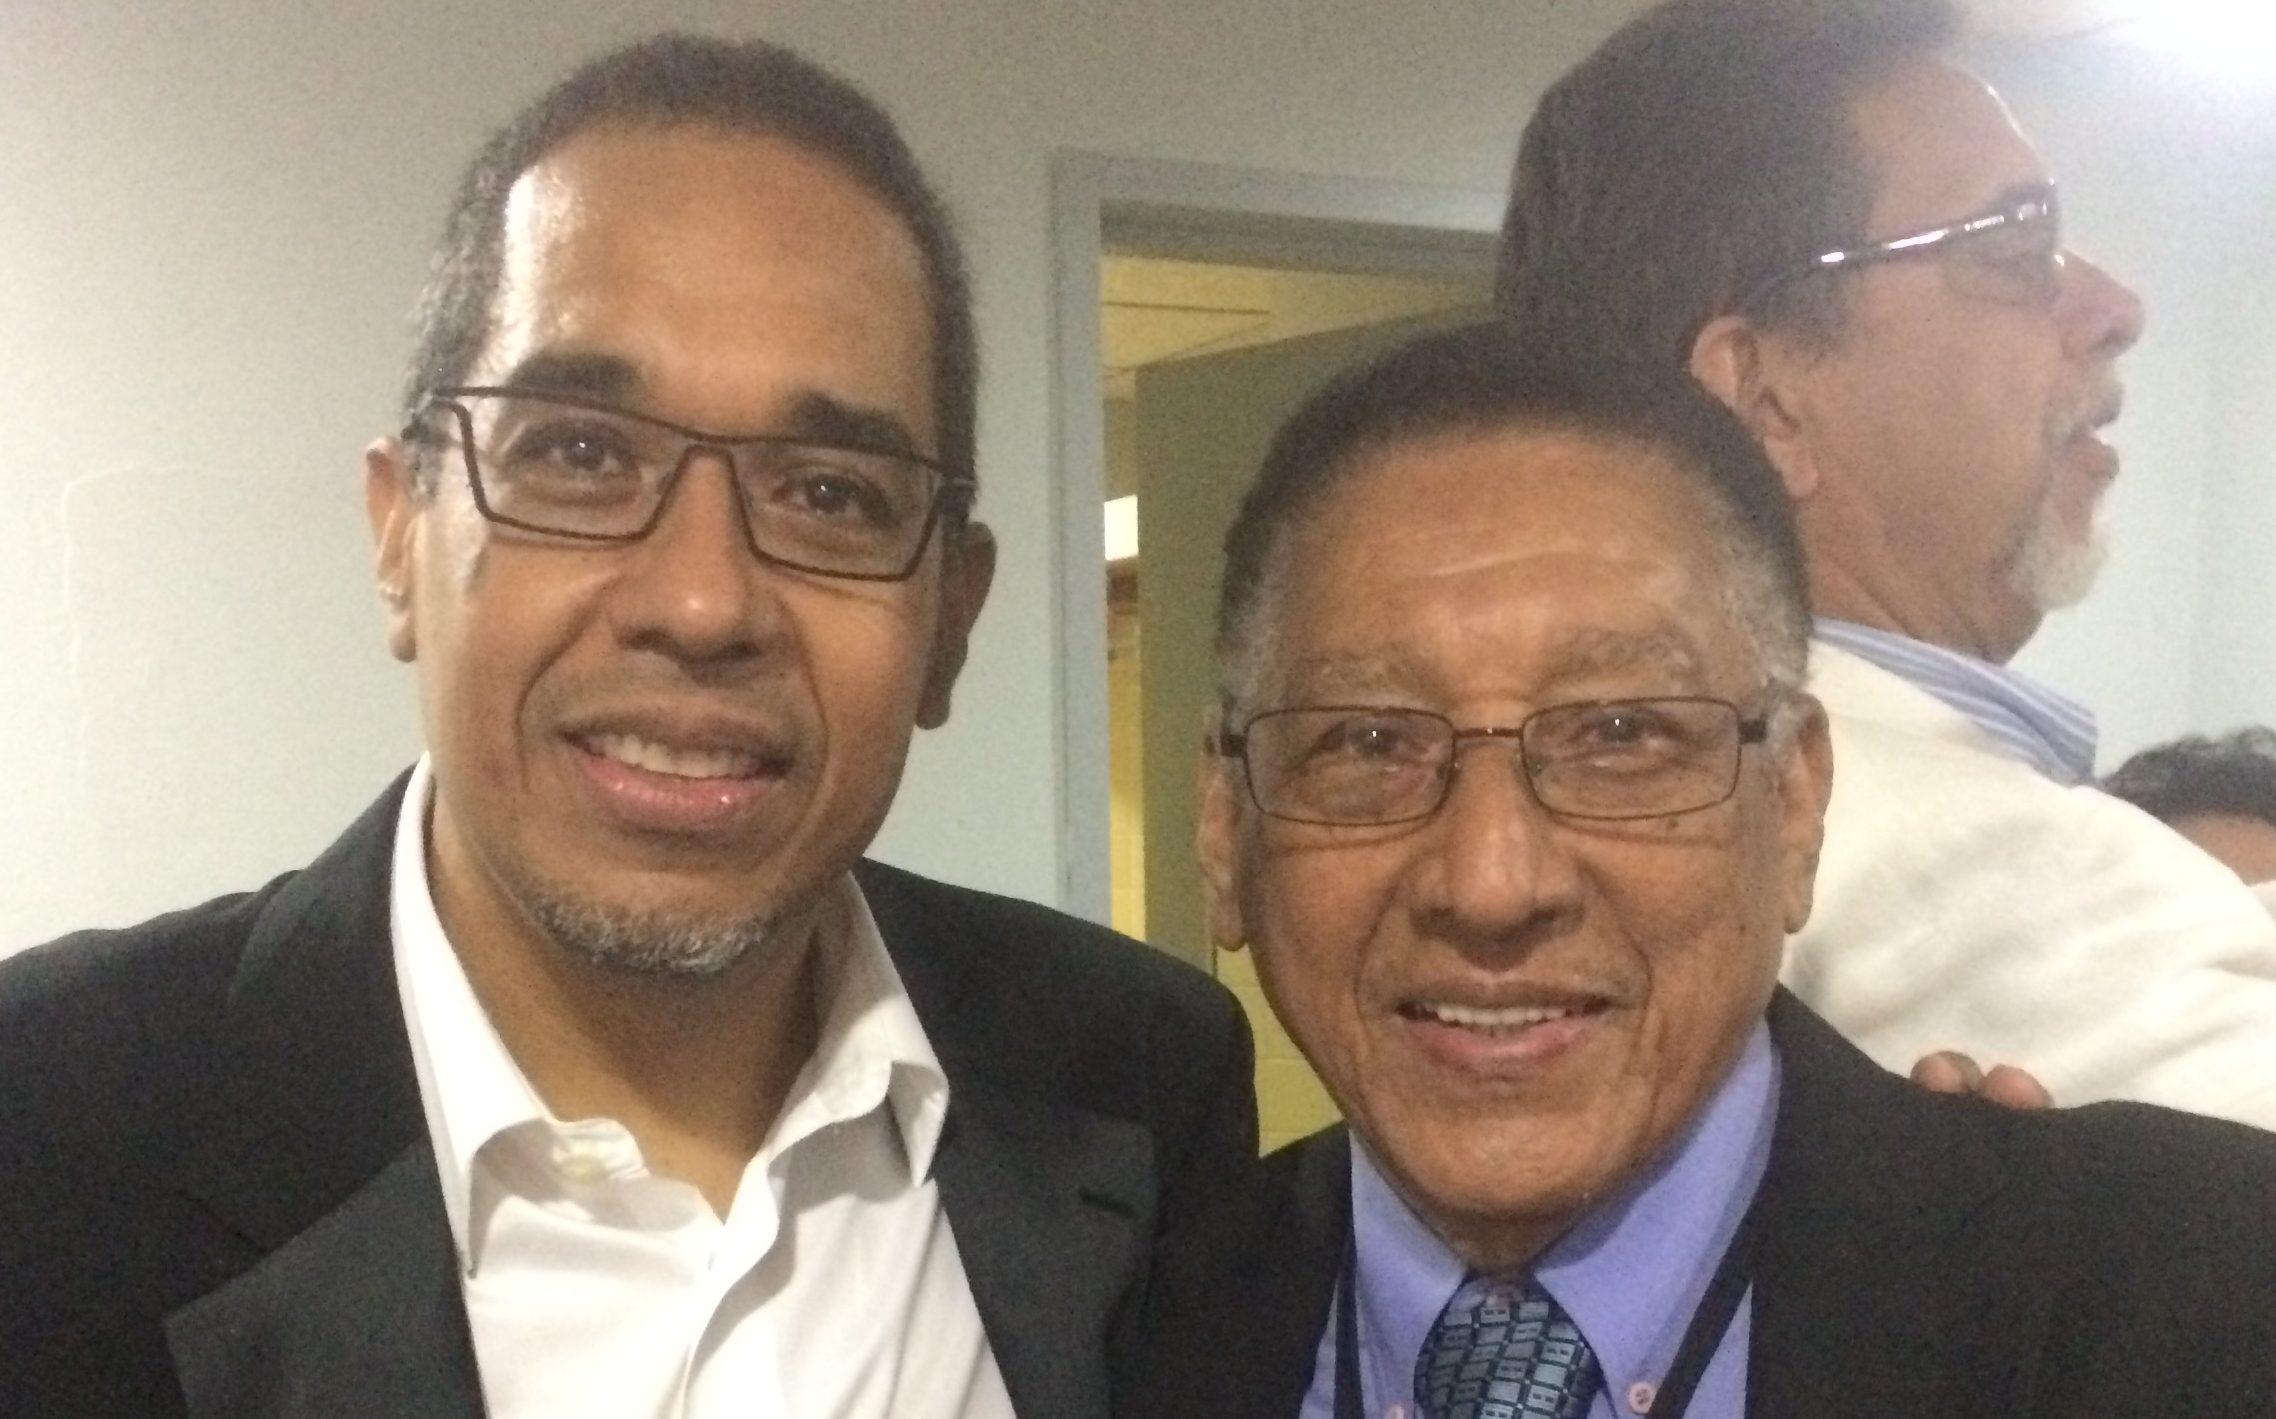 Pianist Danilo Perez and his father